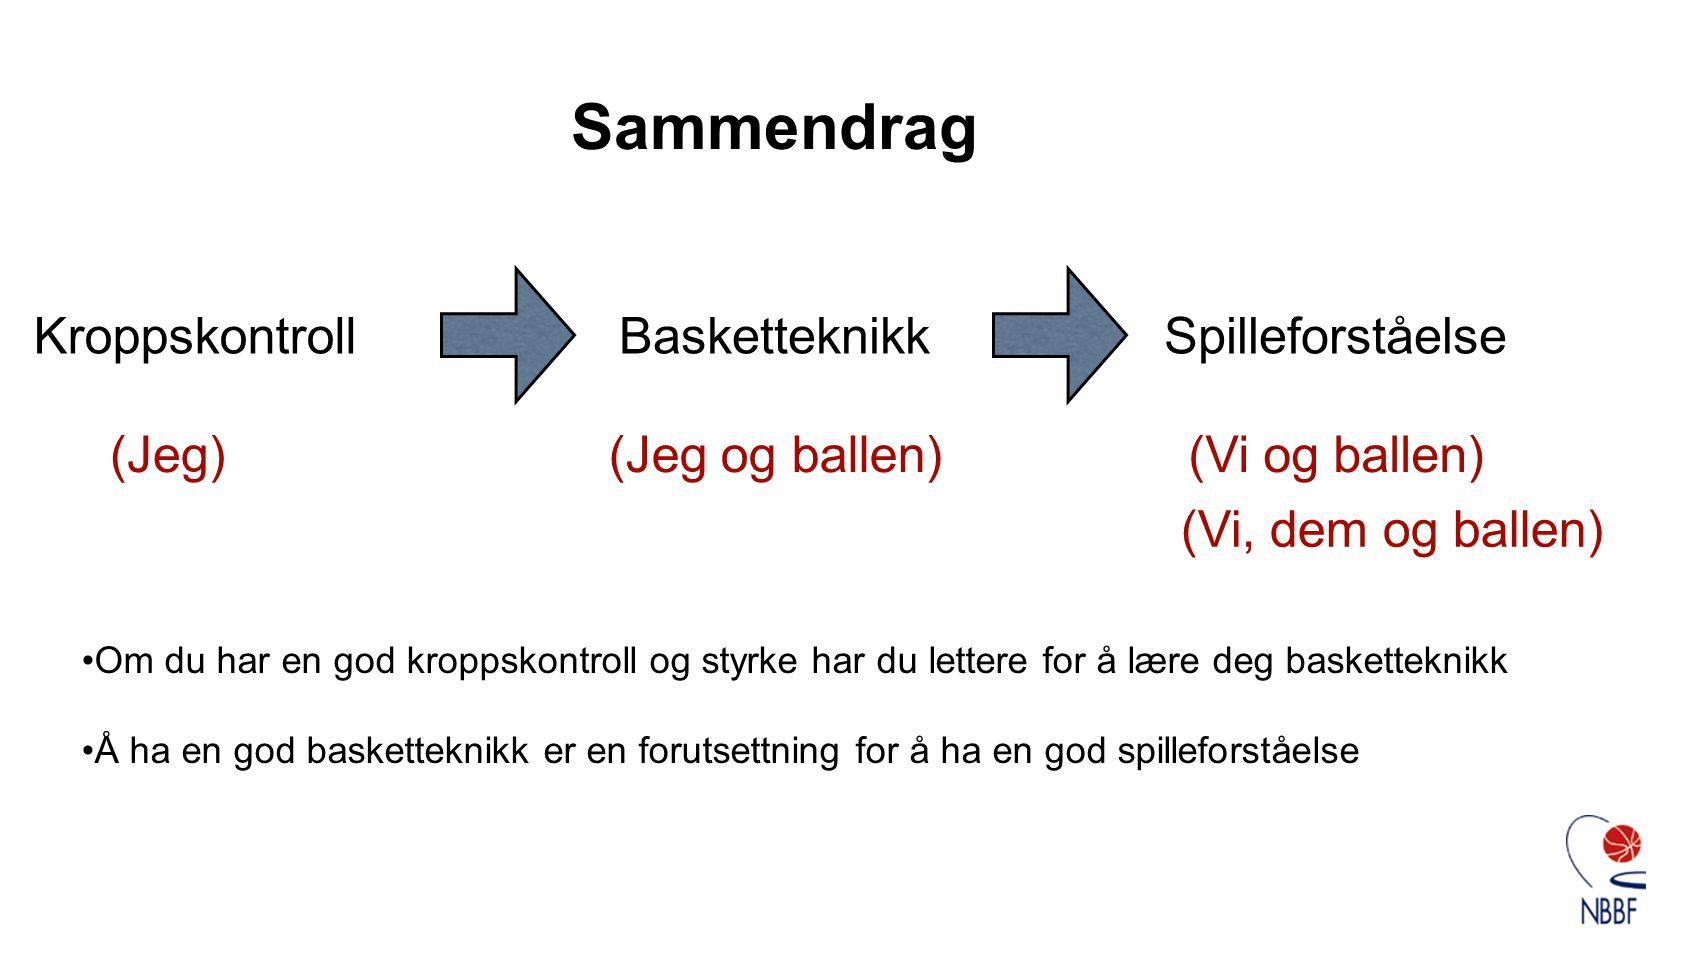 Kroppskontroll Sammendrag BasketteknikkSpilleforståelse •Om du har en god kroppskontroll og styrke har du lettere for å lære deg basketteknikk •Å ha en god basketteknikk er en forutsettning for å ha en god spilleforståelse (Jeg)(Jeg og ballen)(Vi og ballen) (Vi, dem og ballen)